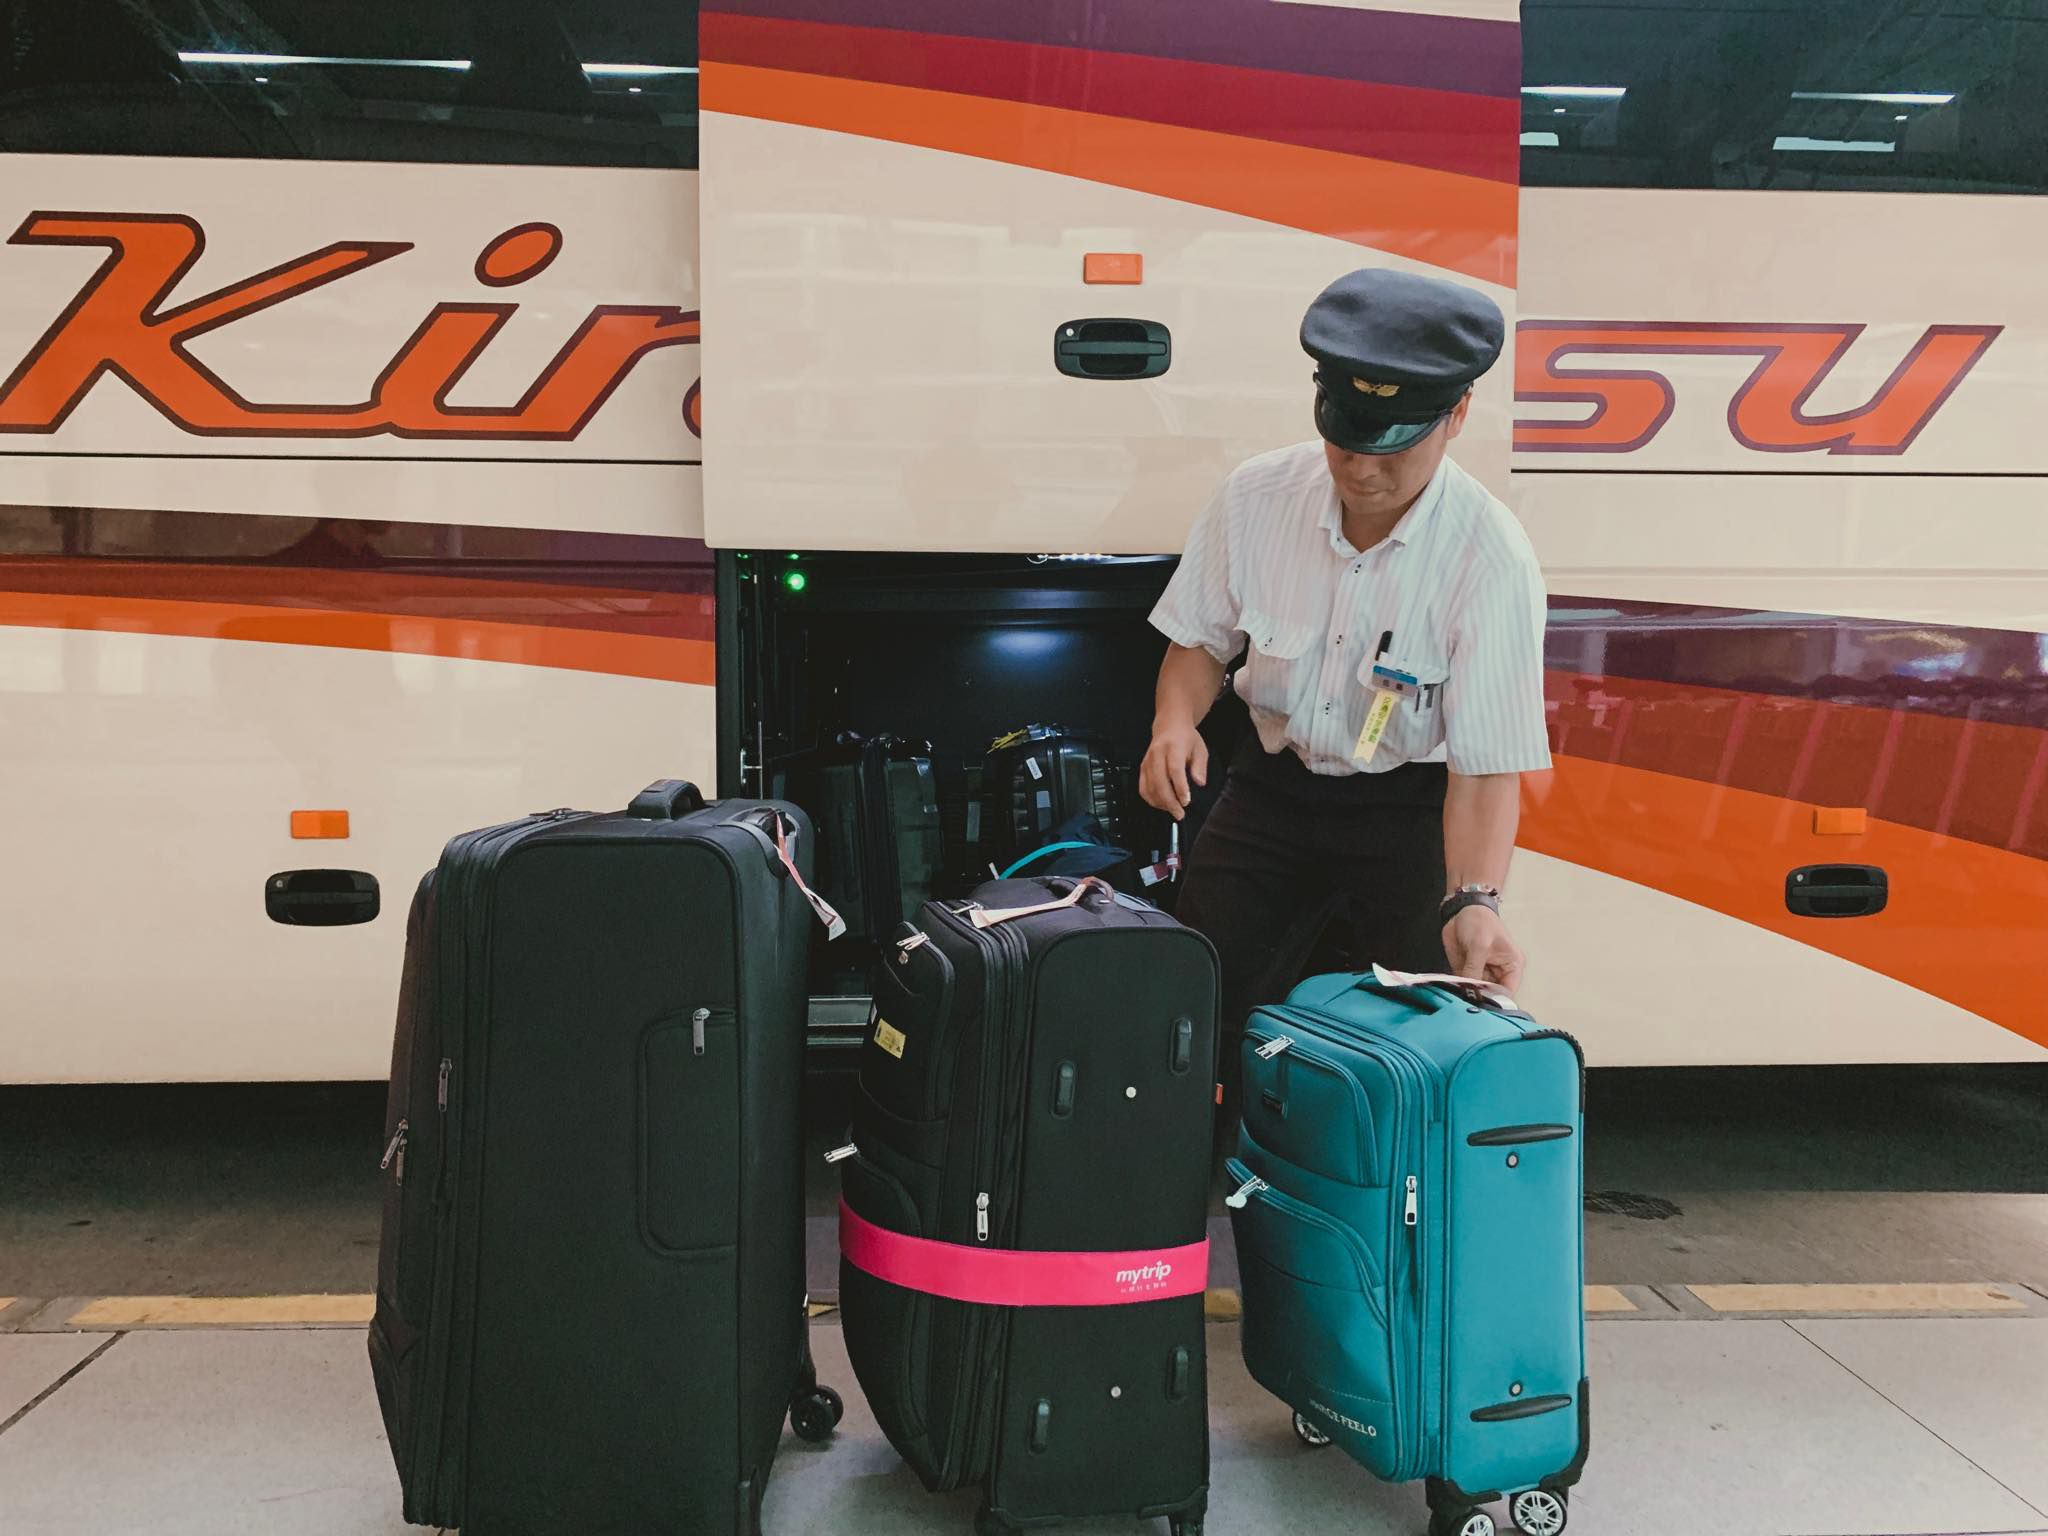 มีพนักงานช่วยขนย้ายกระเป๋าก่อนเดินทางด้วยรถ Kyoto Bus